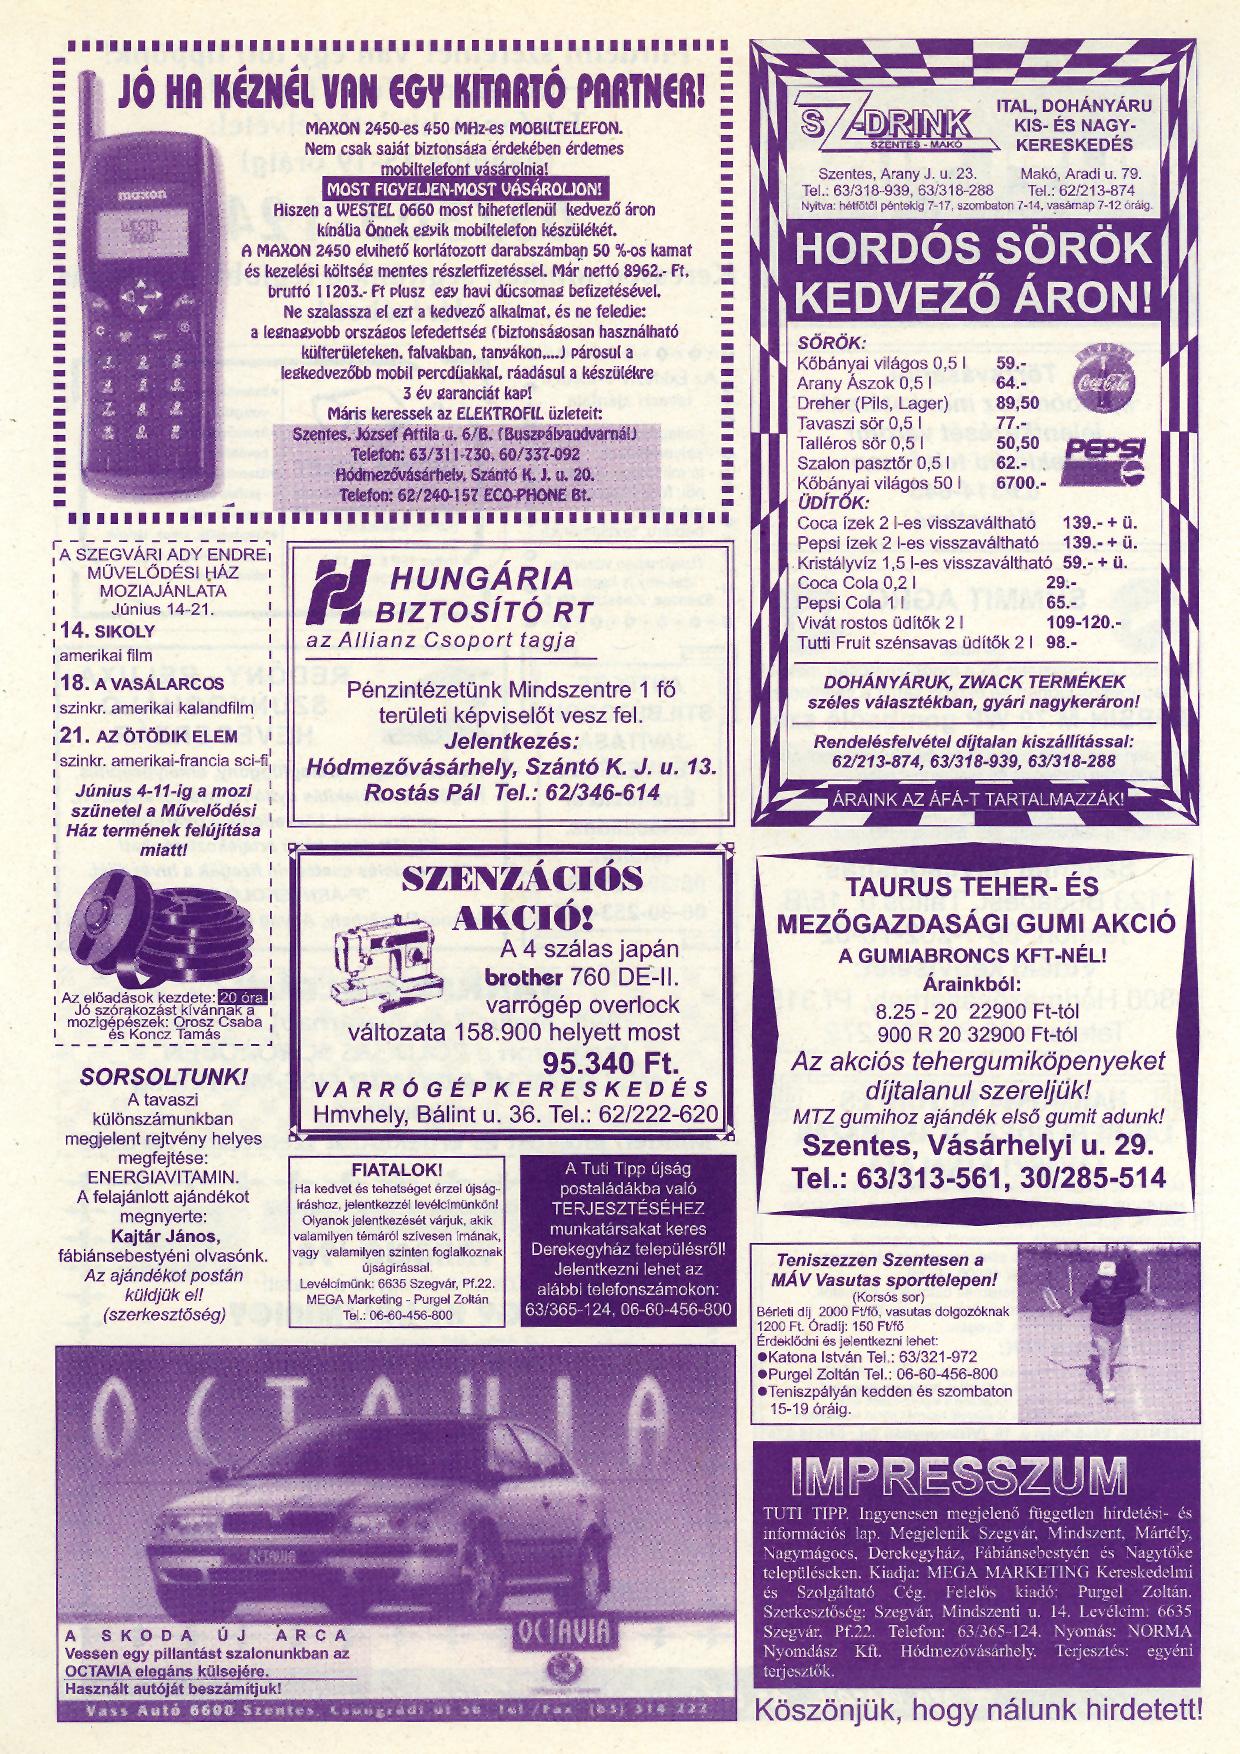 022 Tuti Tipp reklámújság - 19980606-087. lapszám - 2.oldal - IV. évfolyam.jpg